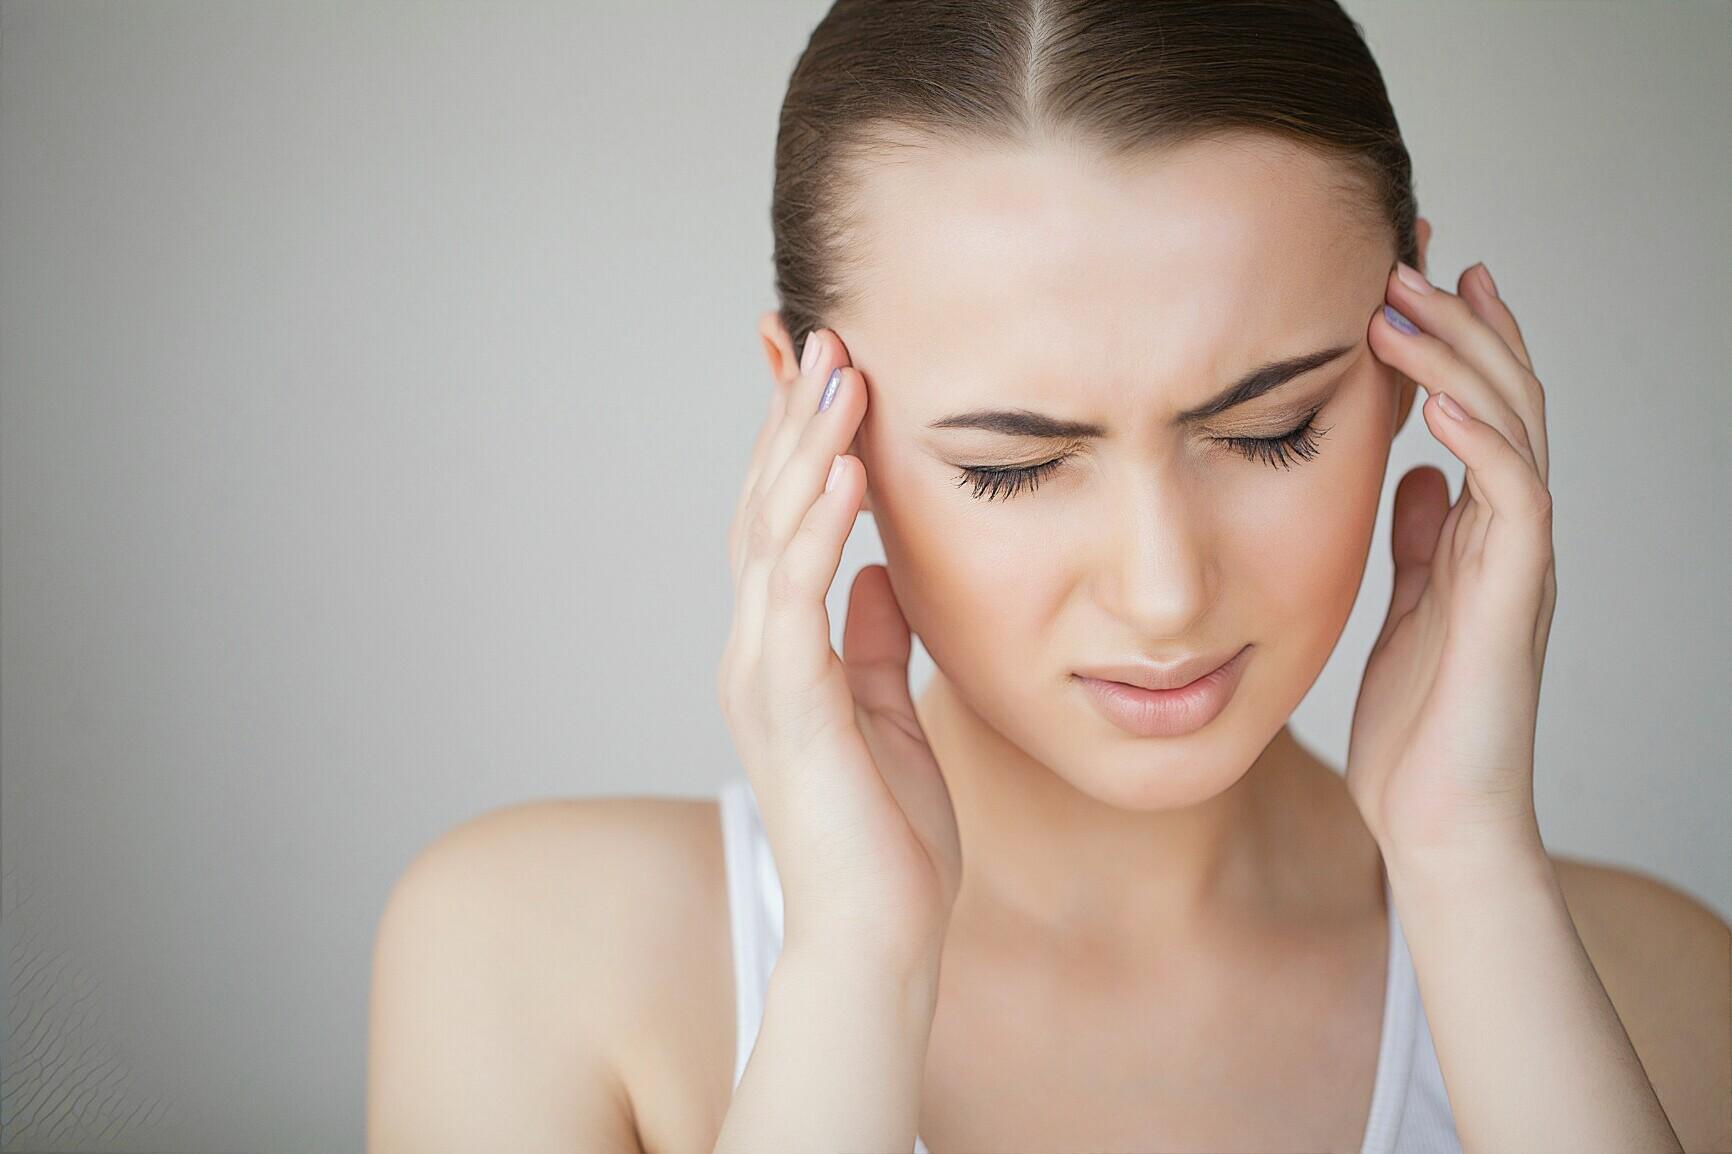 Секреты психологии: как представления о боли могут поменять болевые ощущения?